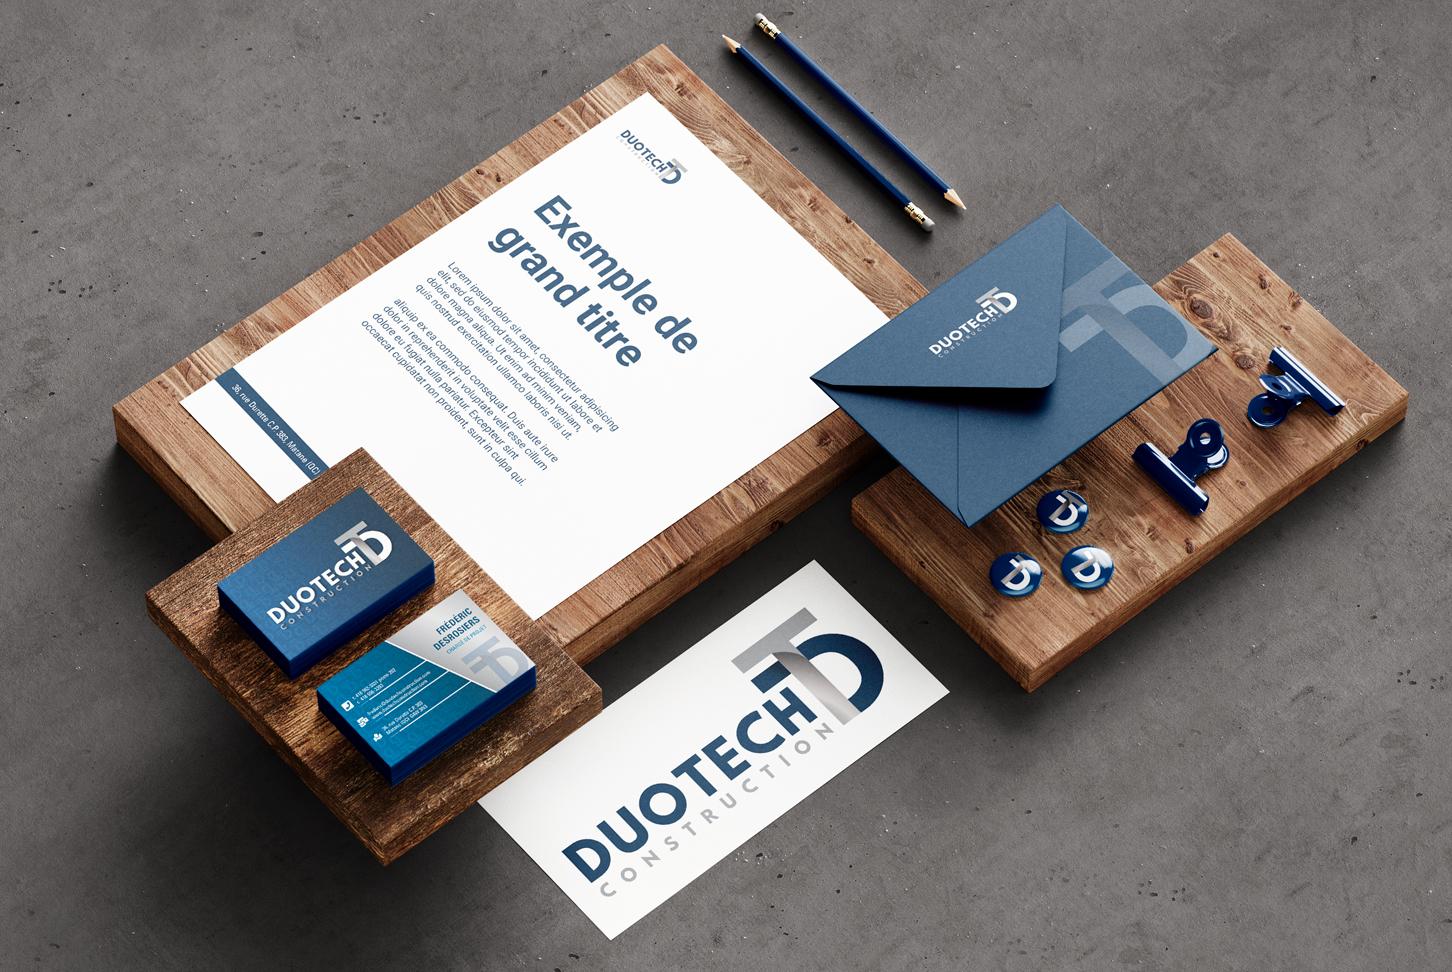 Duotech Construction - Identité visuelle